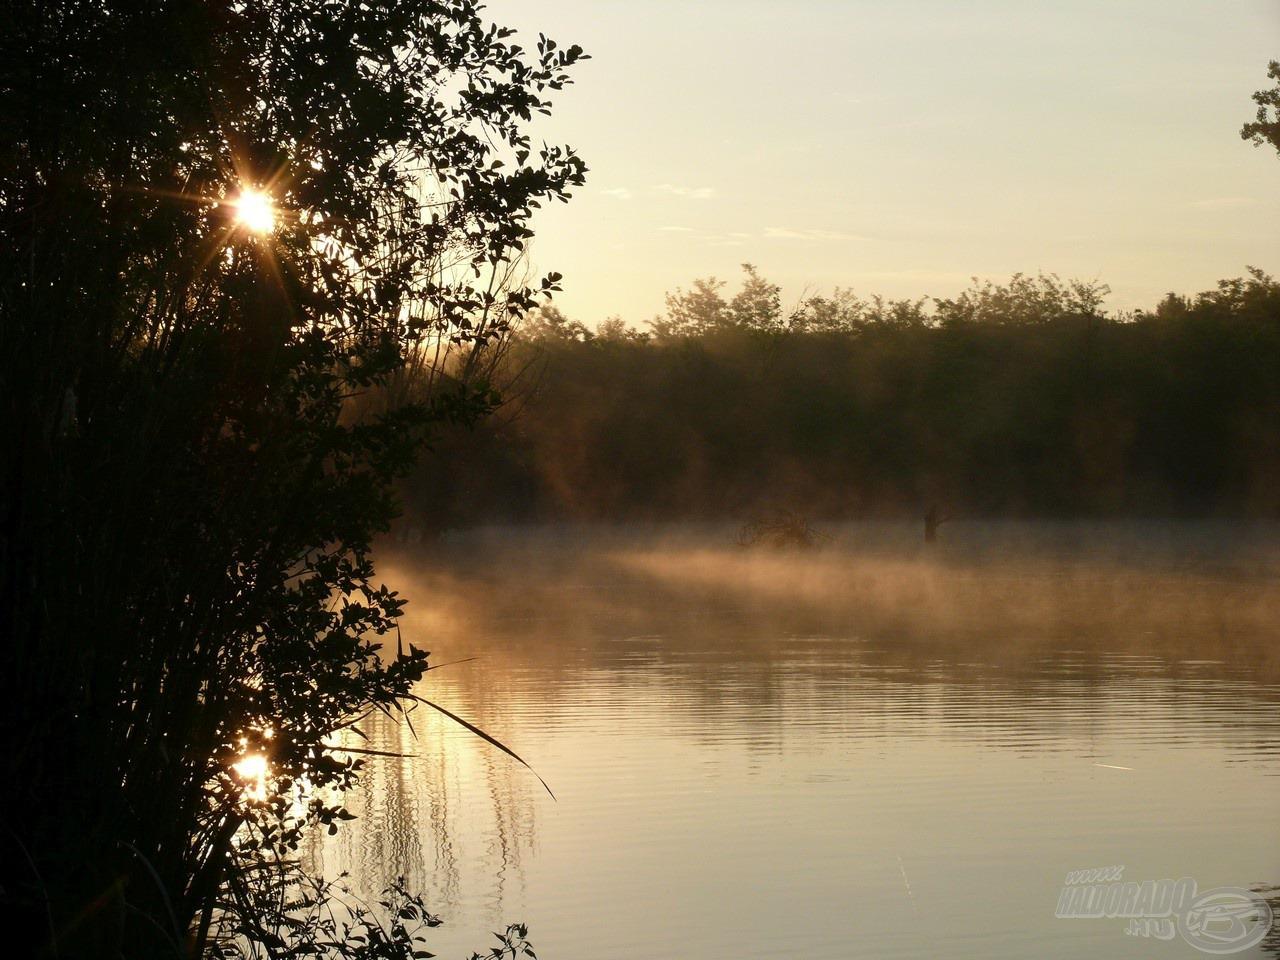 Csodálatos reggeli látkép a tóról